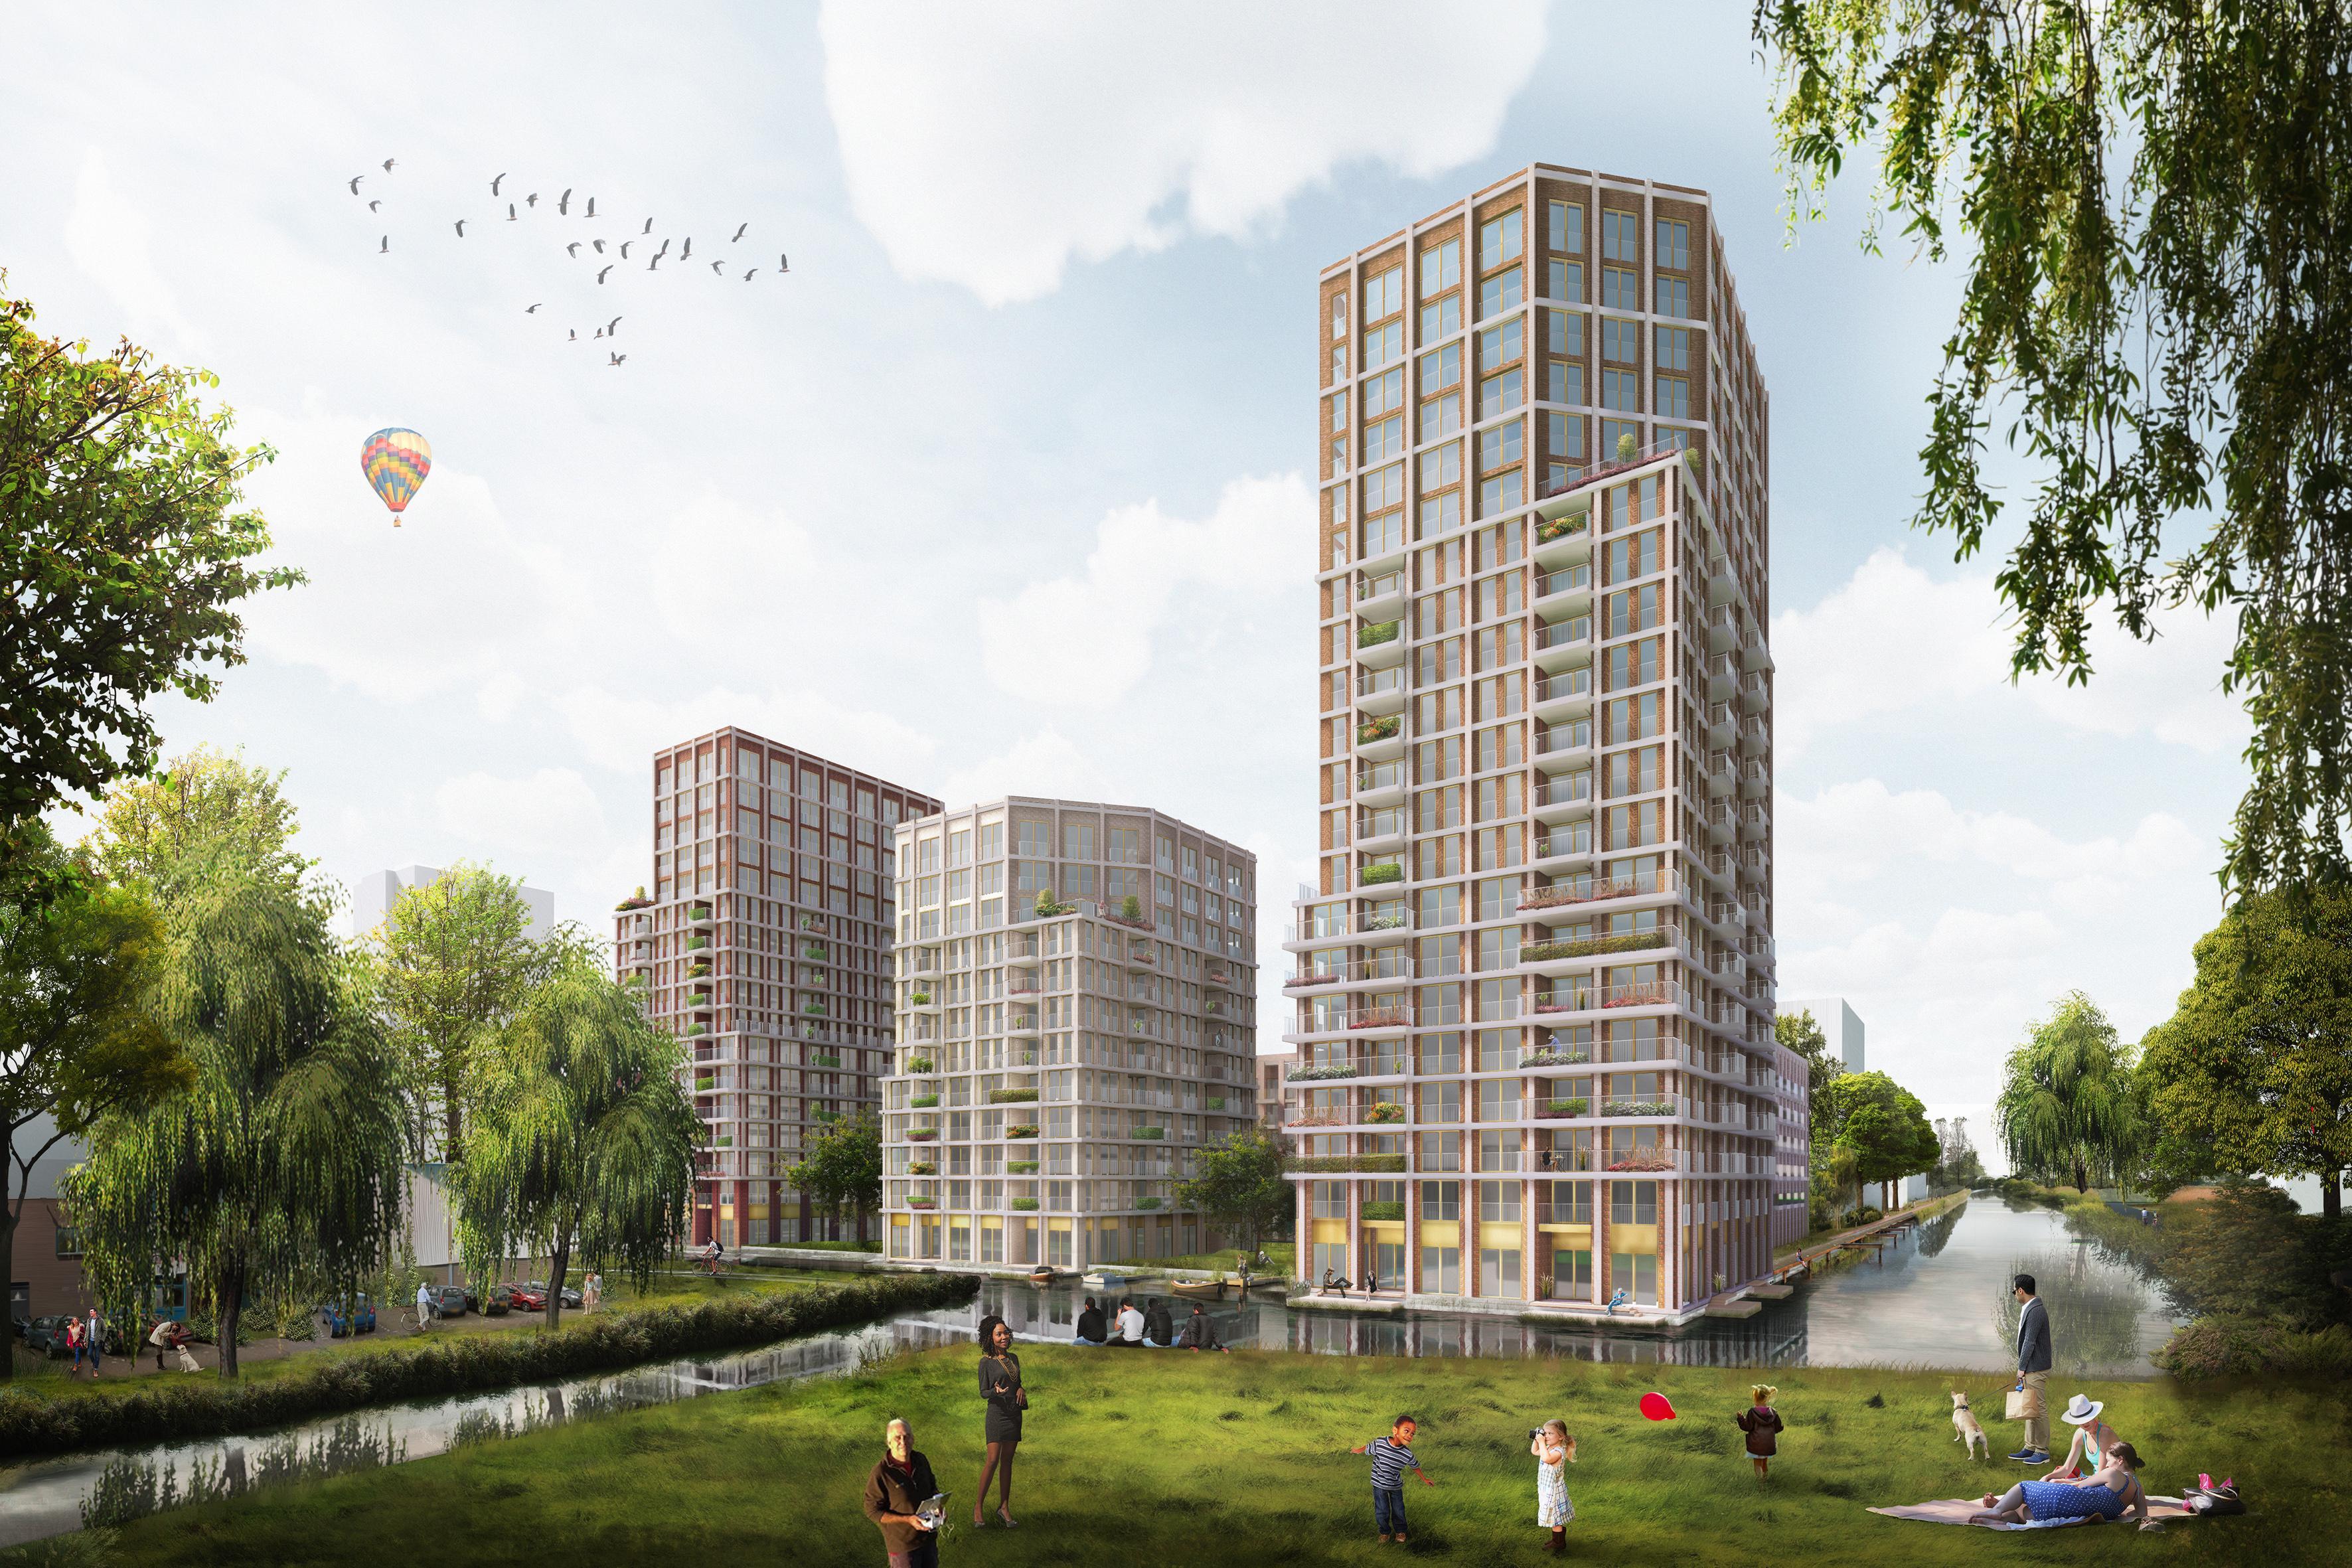 Volgende stap in bouw Schalkstad, 490 woningen aan achterkant winkelcentrum